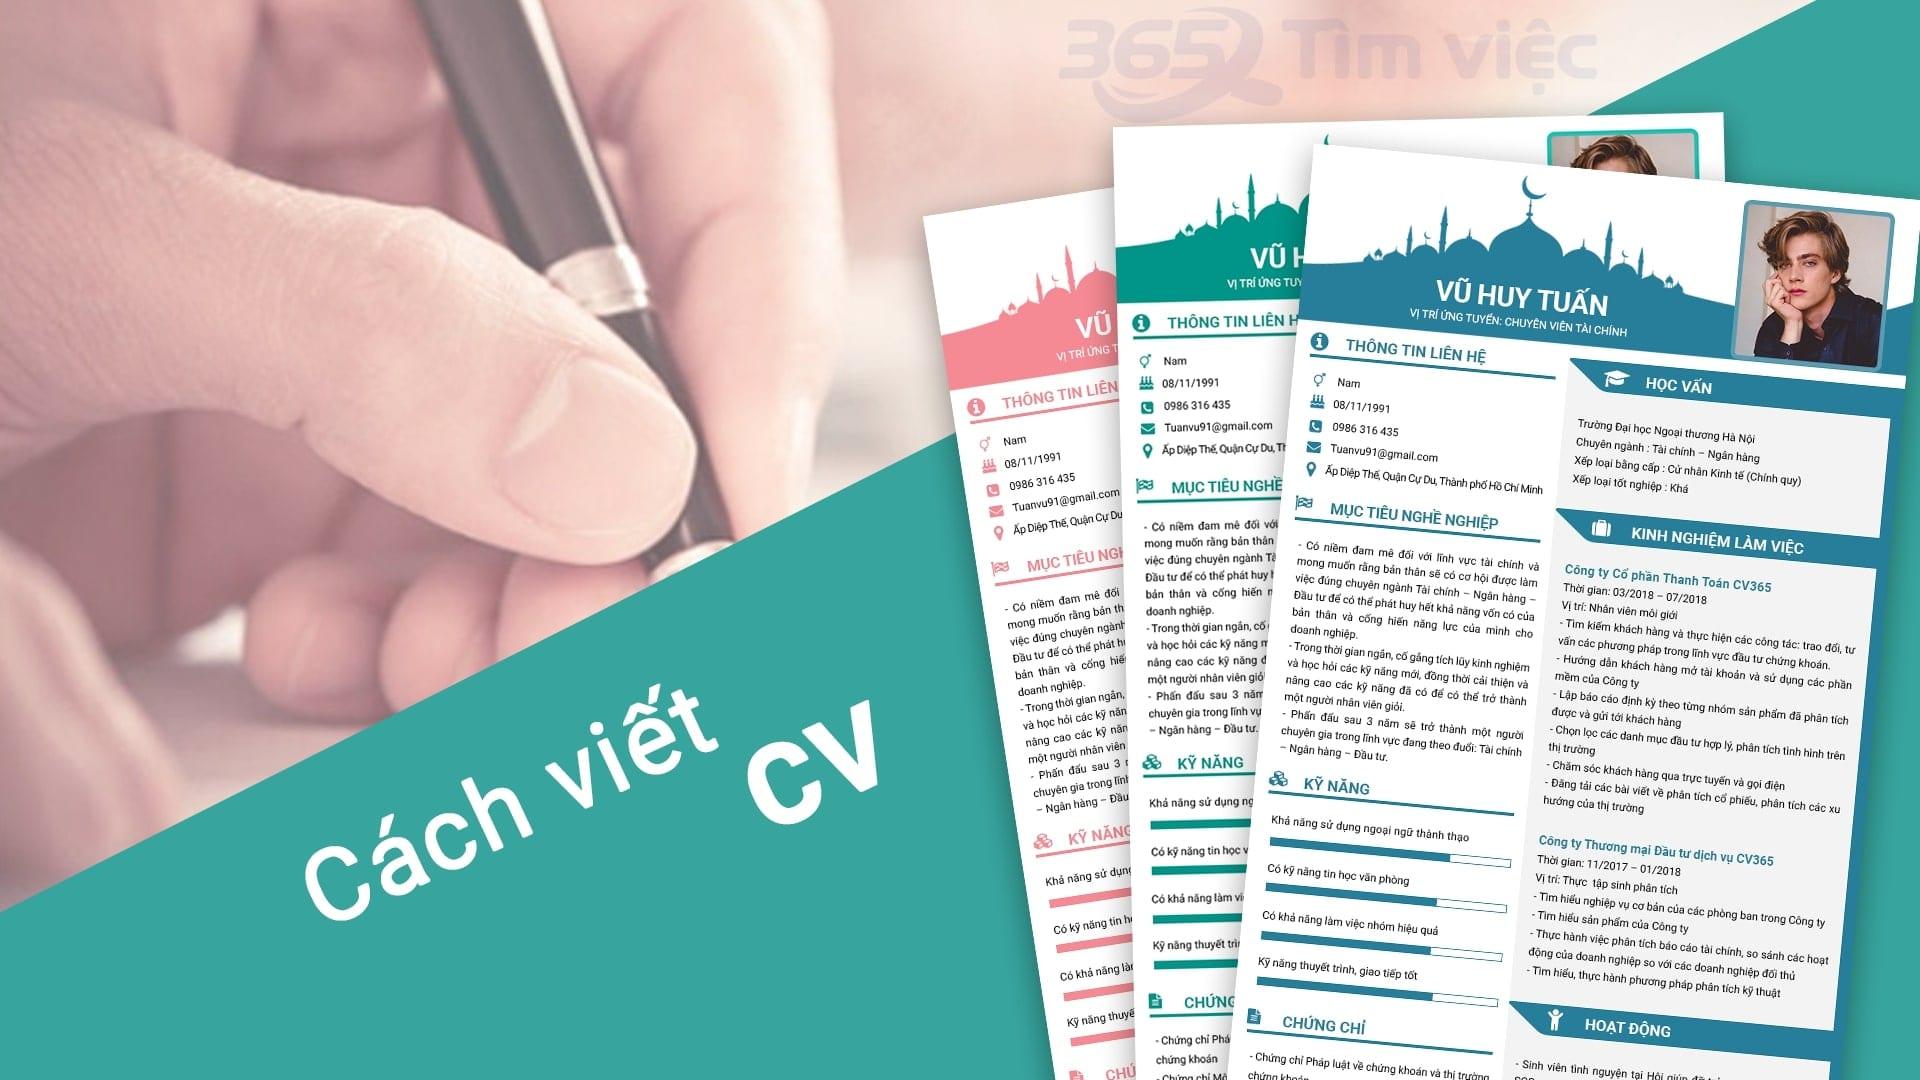 Hướng dẫn viết profile giới thiệu bản thân, ấn tượng với nhà tuyển dụng